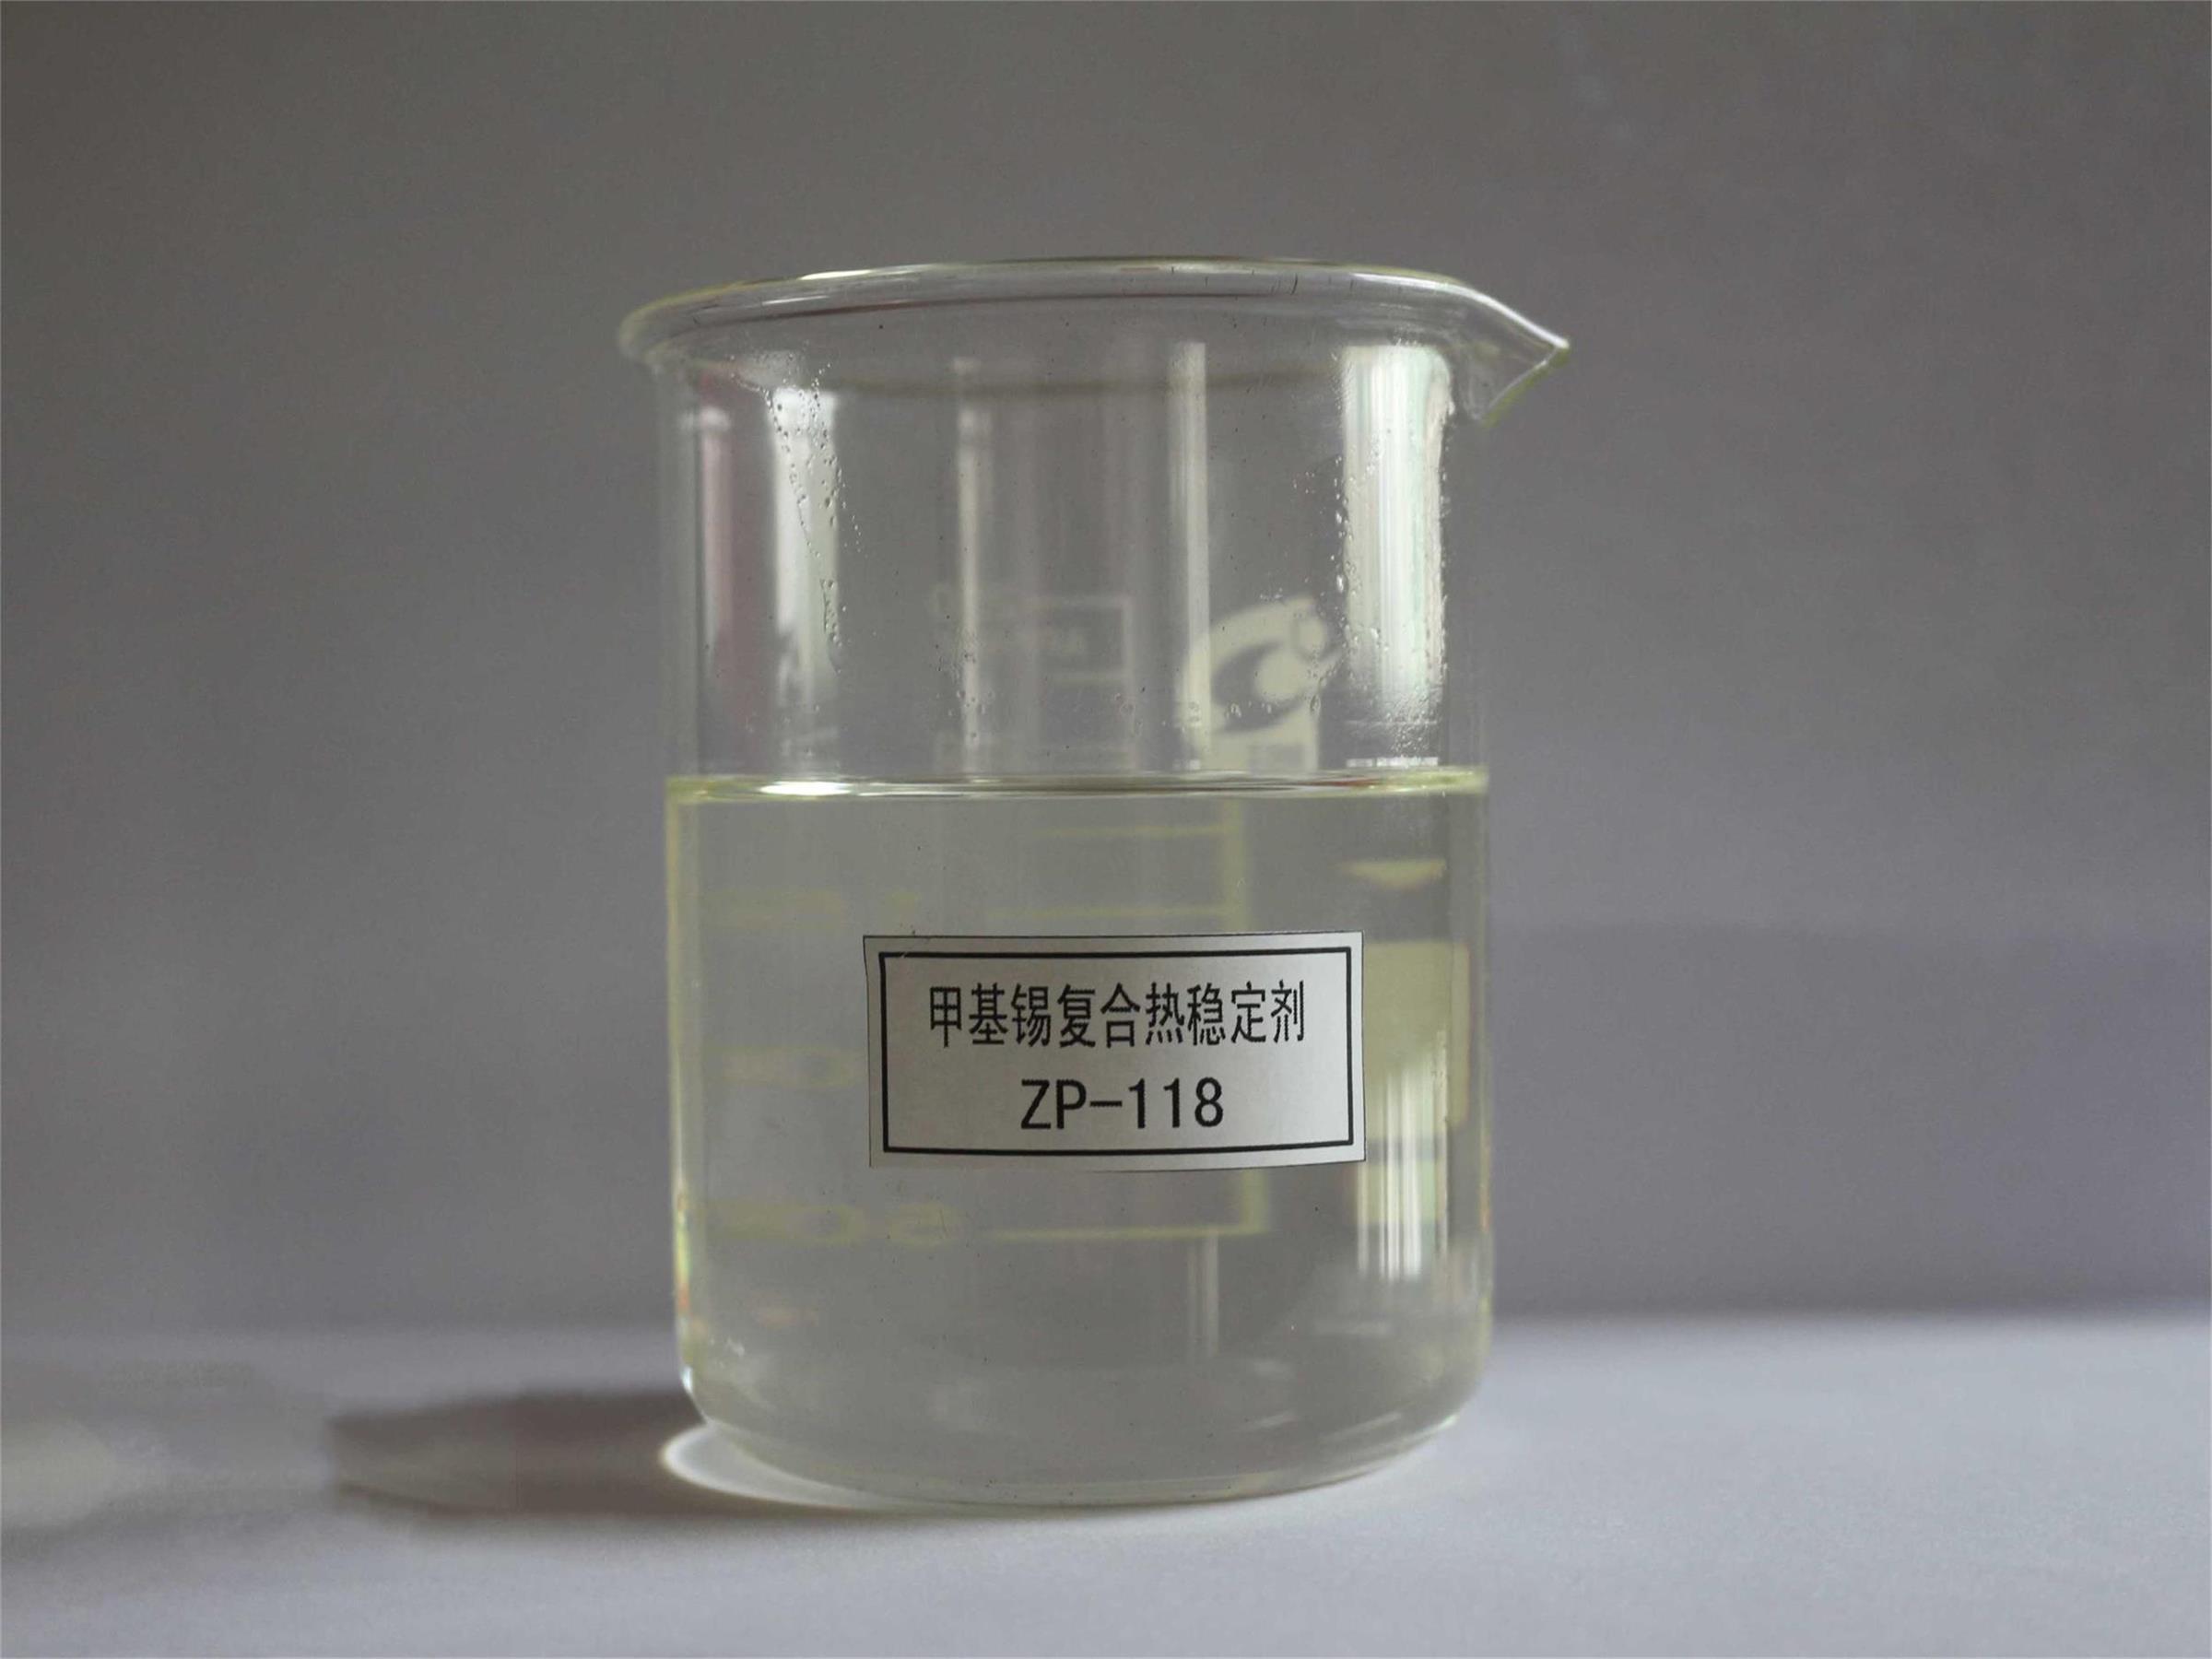 新型环氧增塑剂哪家好,新型环氧增塑剂厂家,新型环氧增塑剂